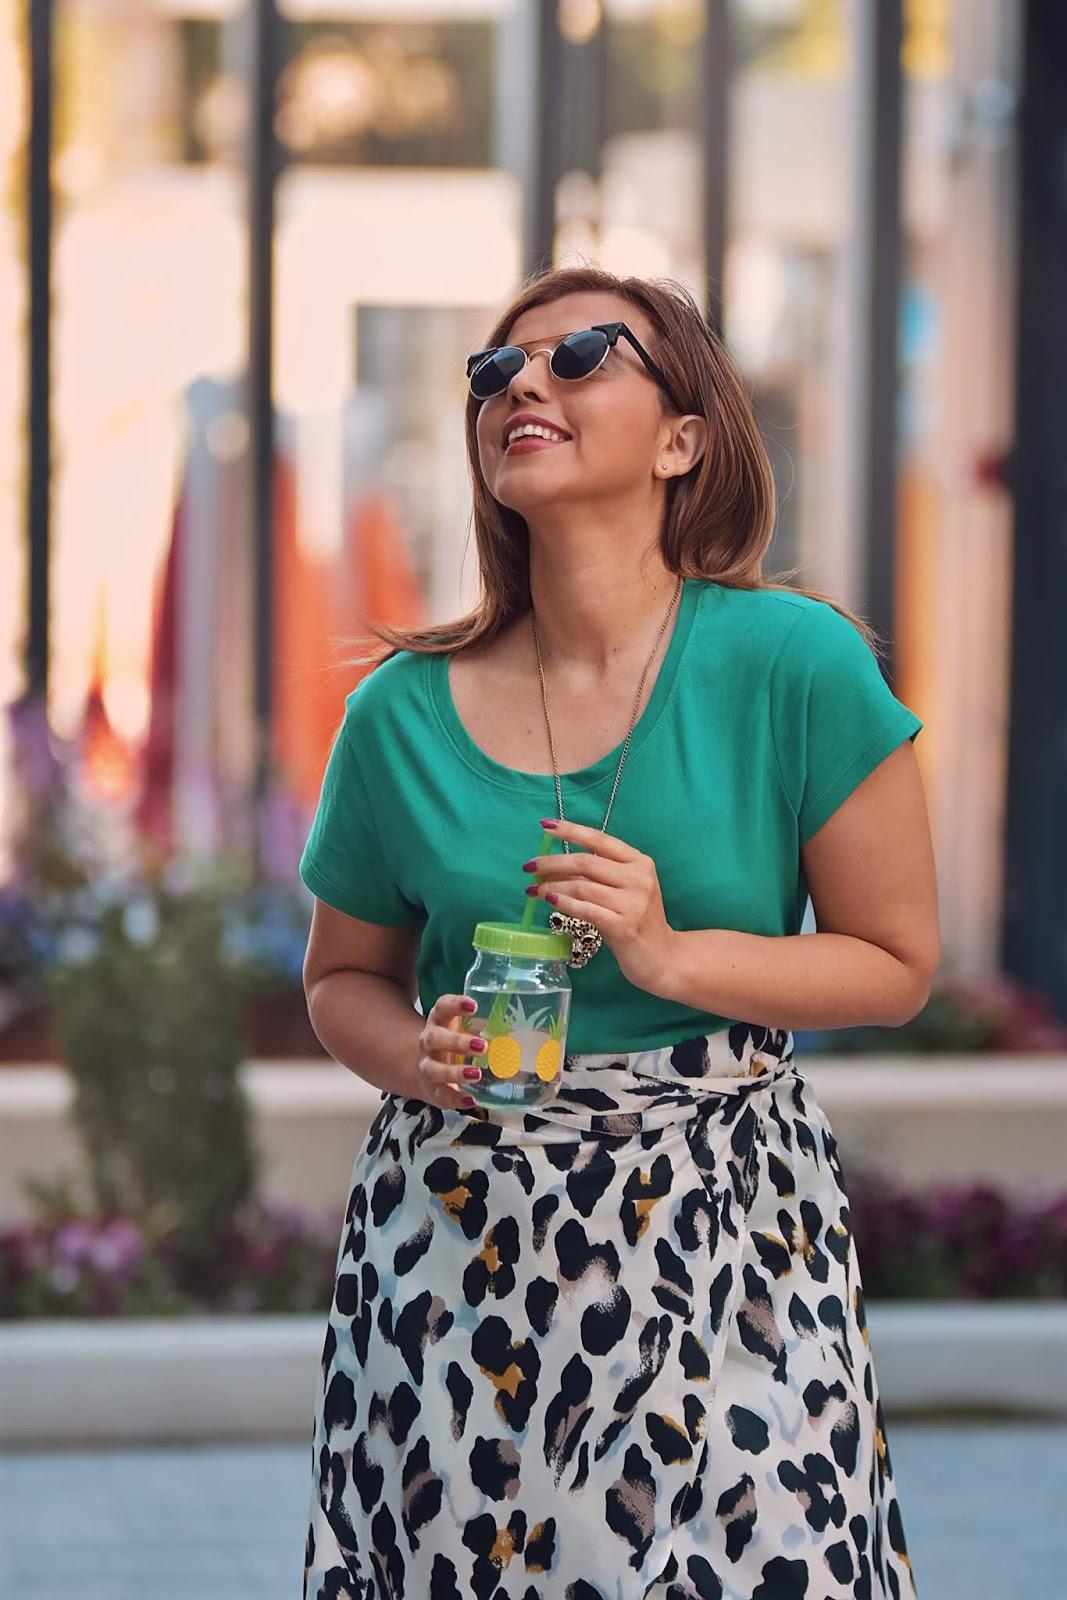 Outfit Falda Traslapada Con Estampado Animal-mariestilo-fashionblogger-lookoftheday-animalprint-fashionista-streetstyle-dcblogger-mariestilotravels-